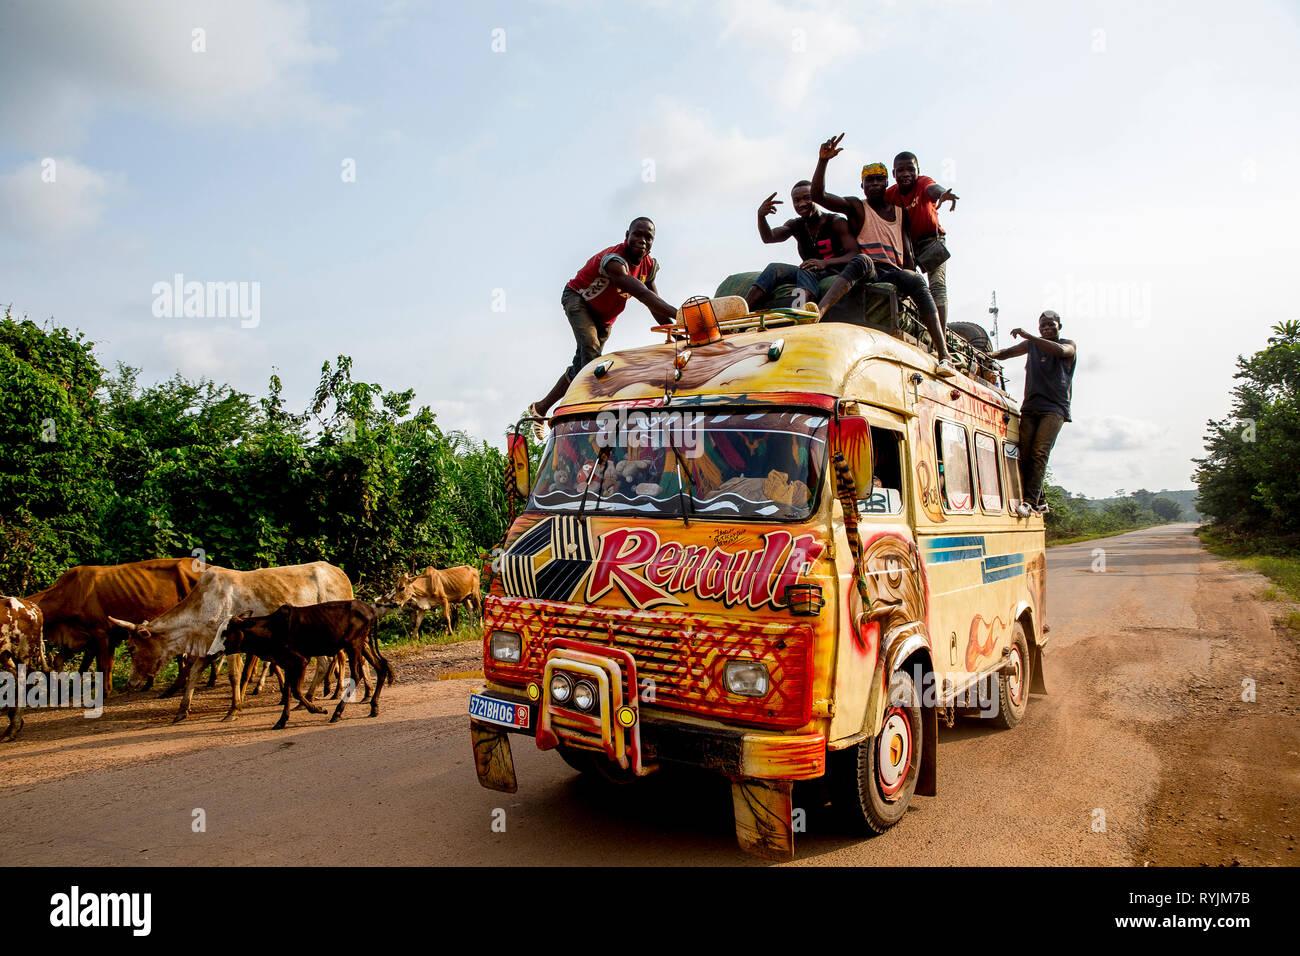 Le bétail et les transports publics bus près de Fresco, Côte d'Ivoire. Photo Stock